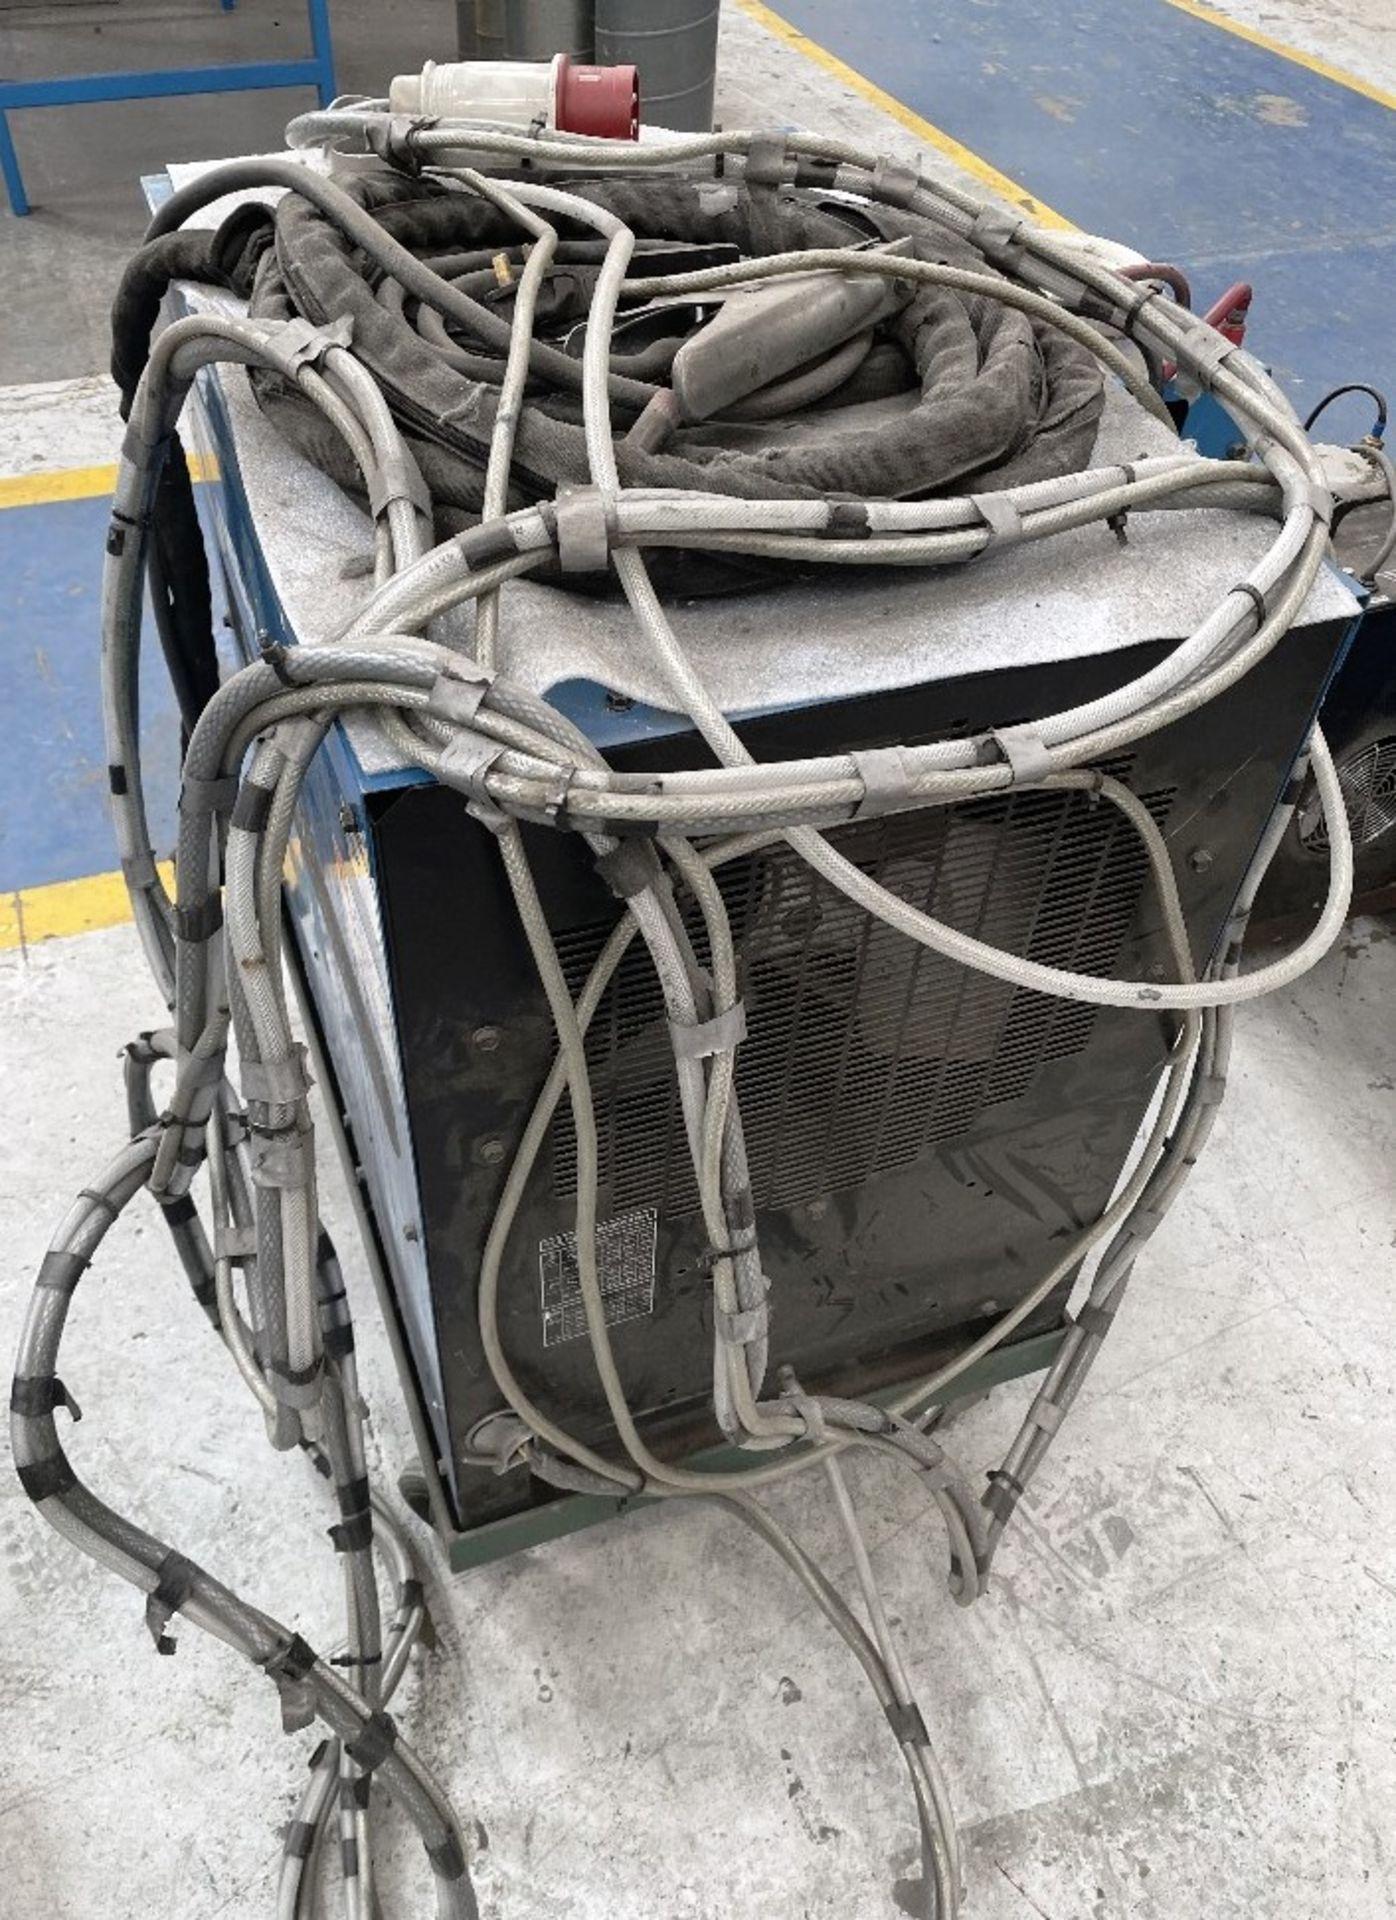 Miller Syncrowave 250 Tig Welder w/ Miller Water Cooler - Image 5 of 5